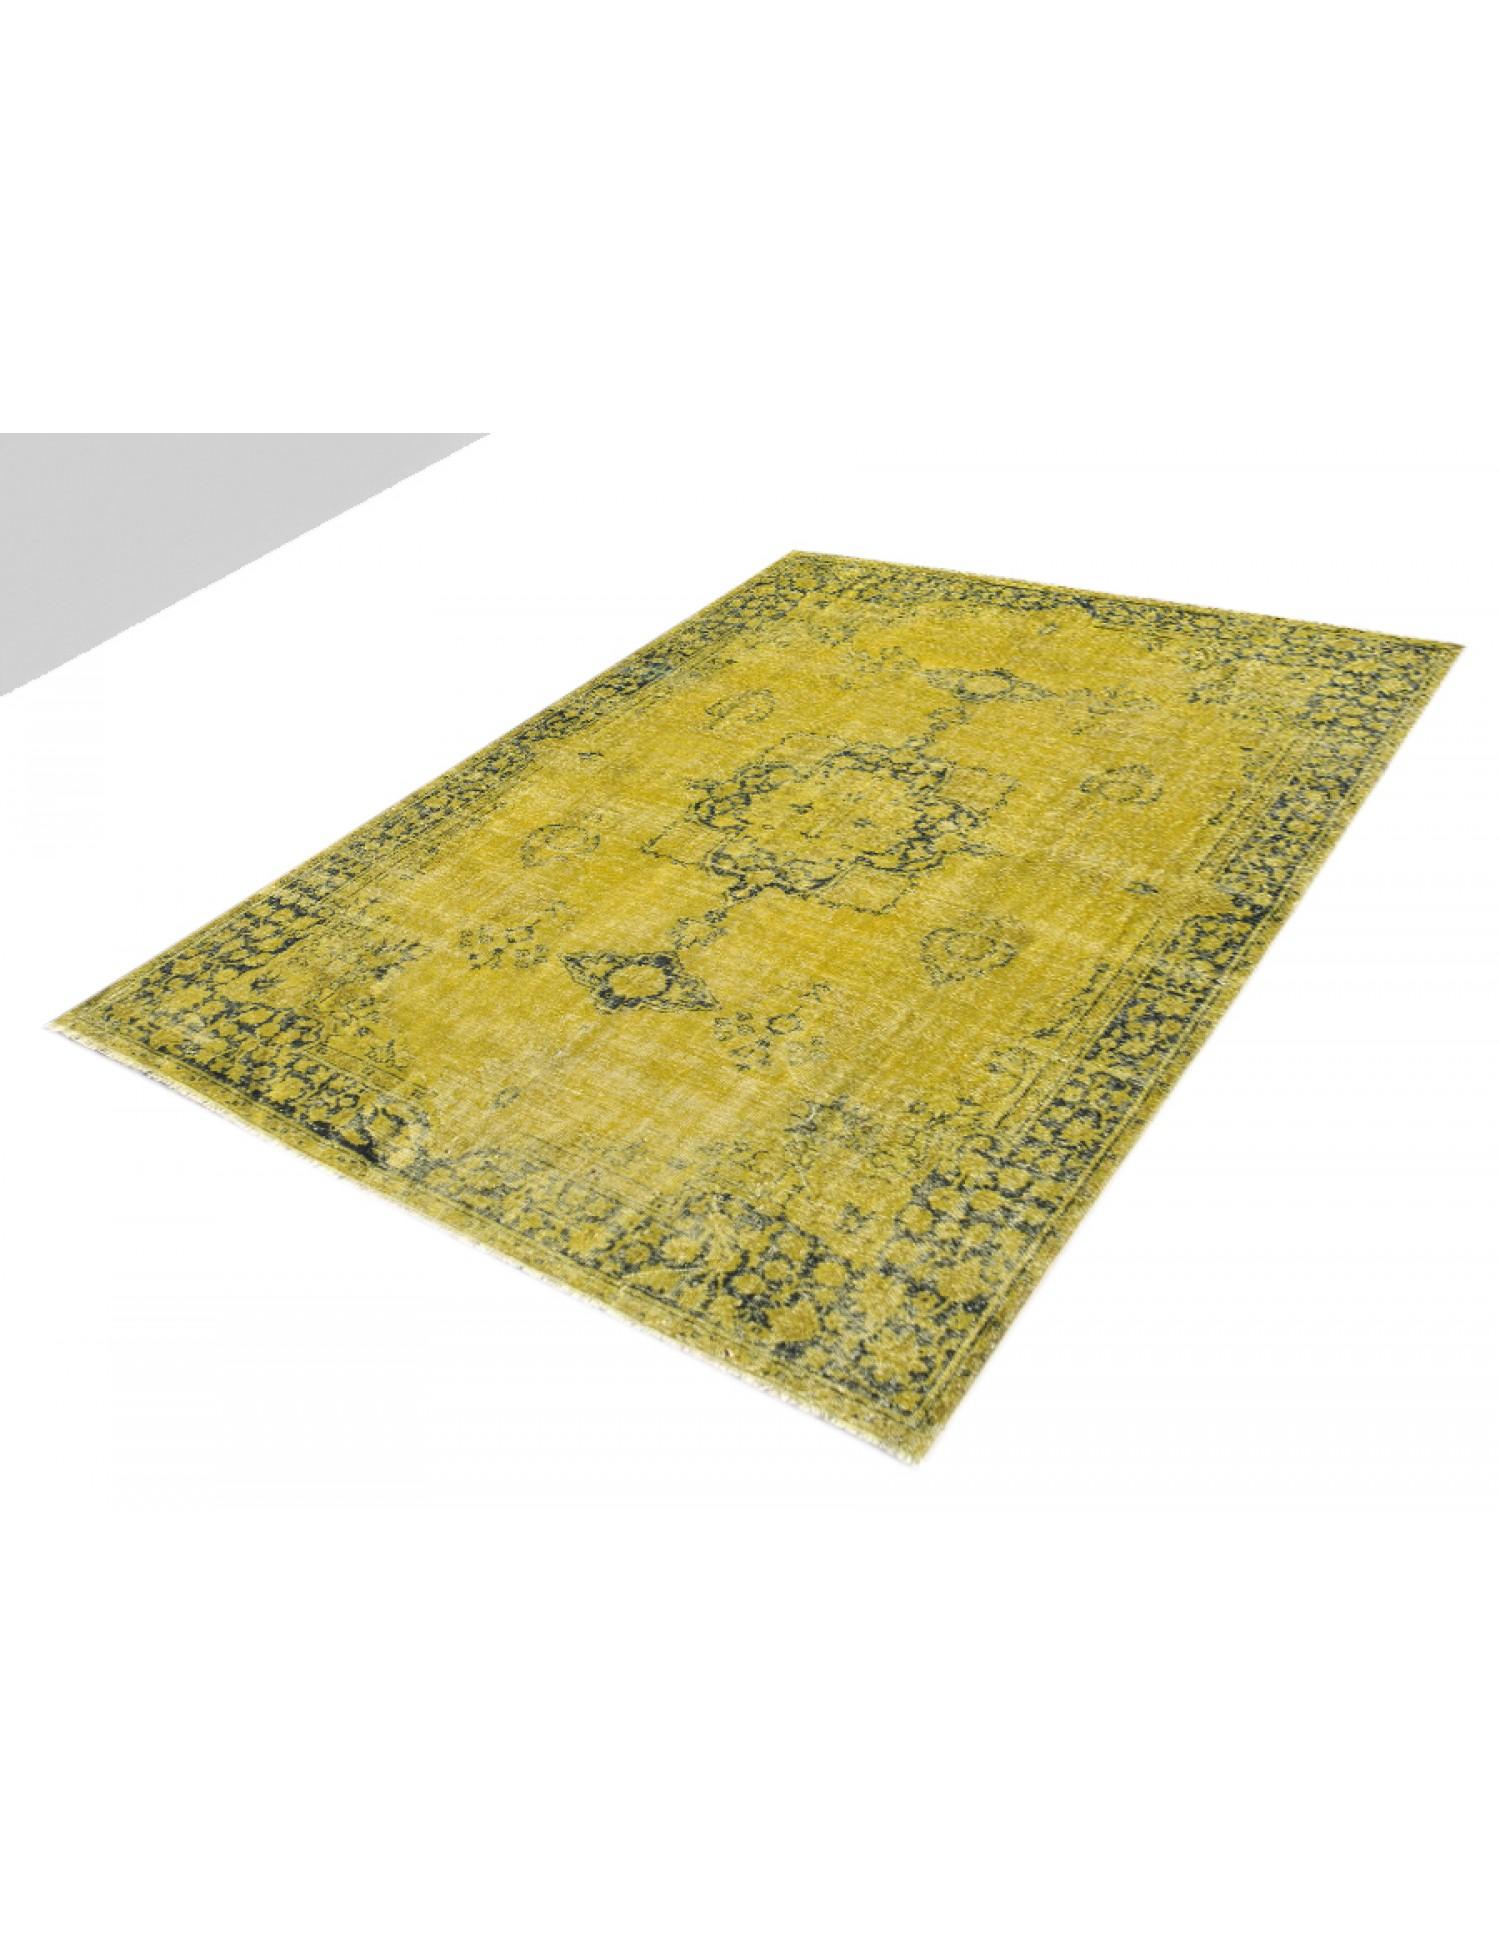 Vintage Teppich  gelb <br/>302 x 225 cm